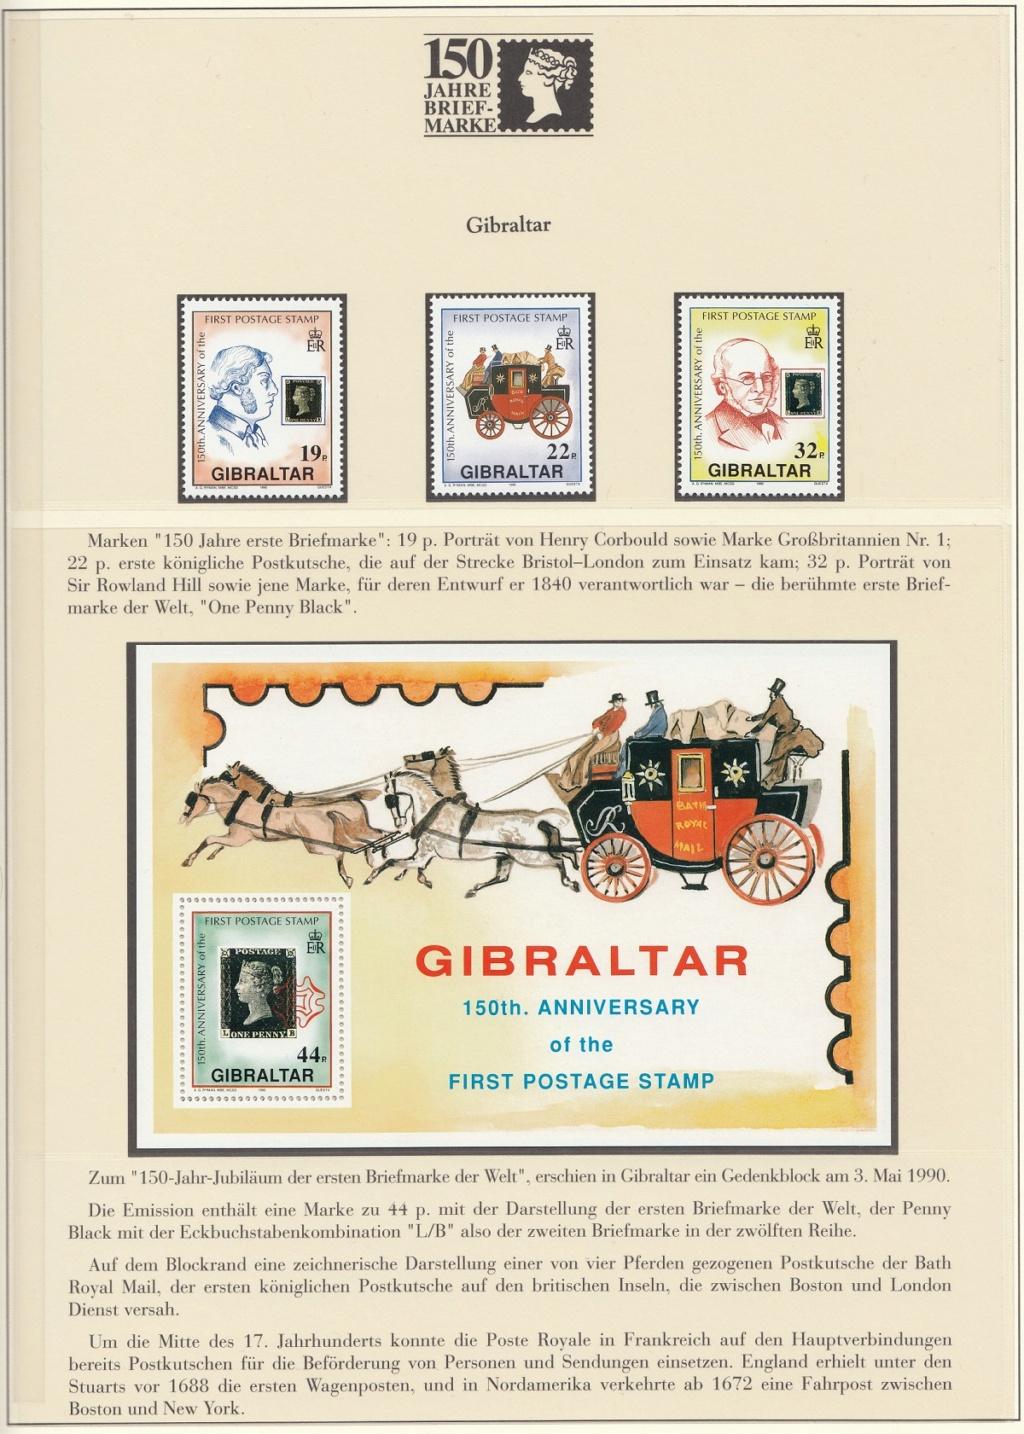 180 Jahre Briefmarke 150-2810